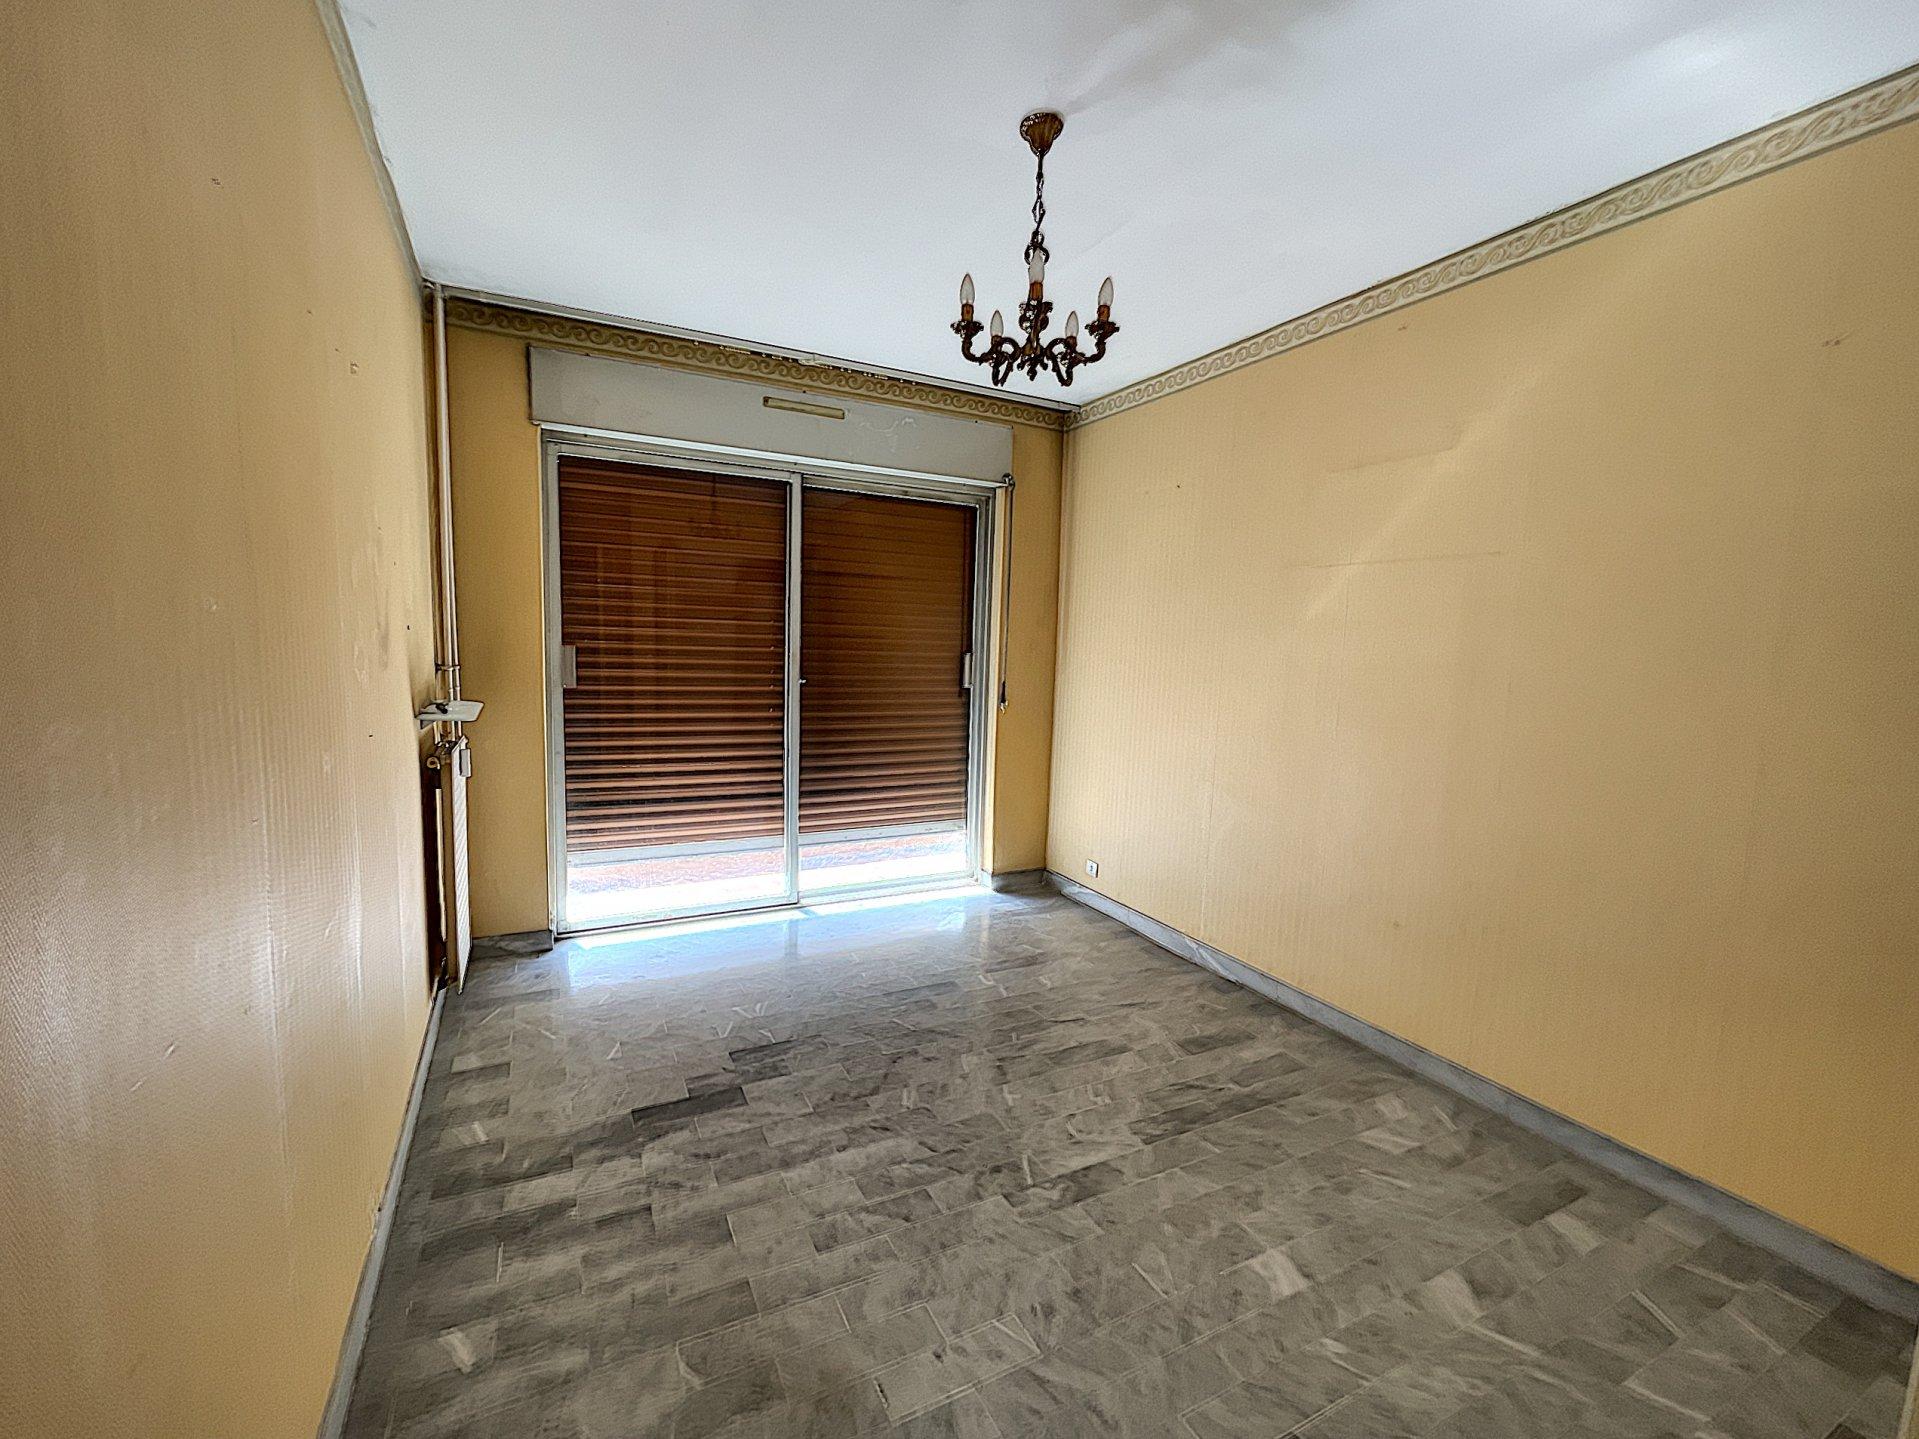 Cannes-La-Bocca - 3 rooms 60 sq.m